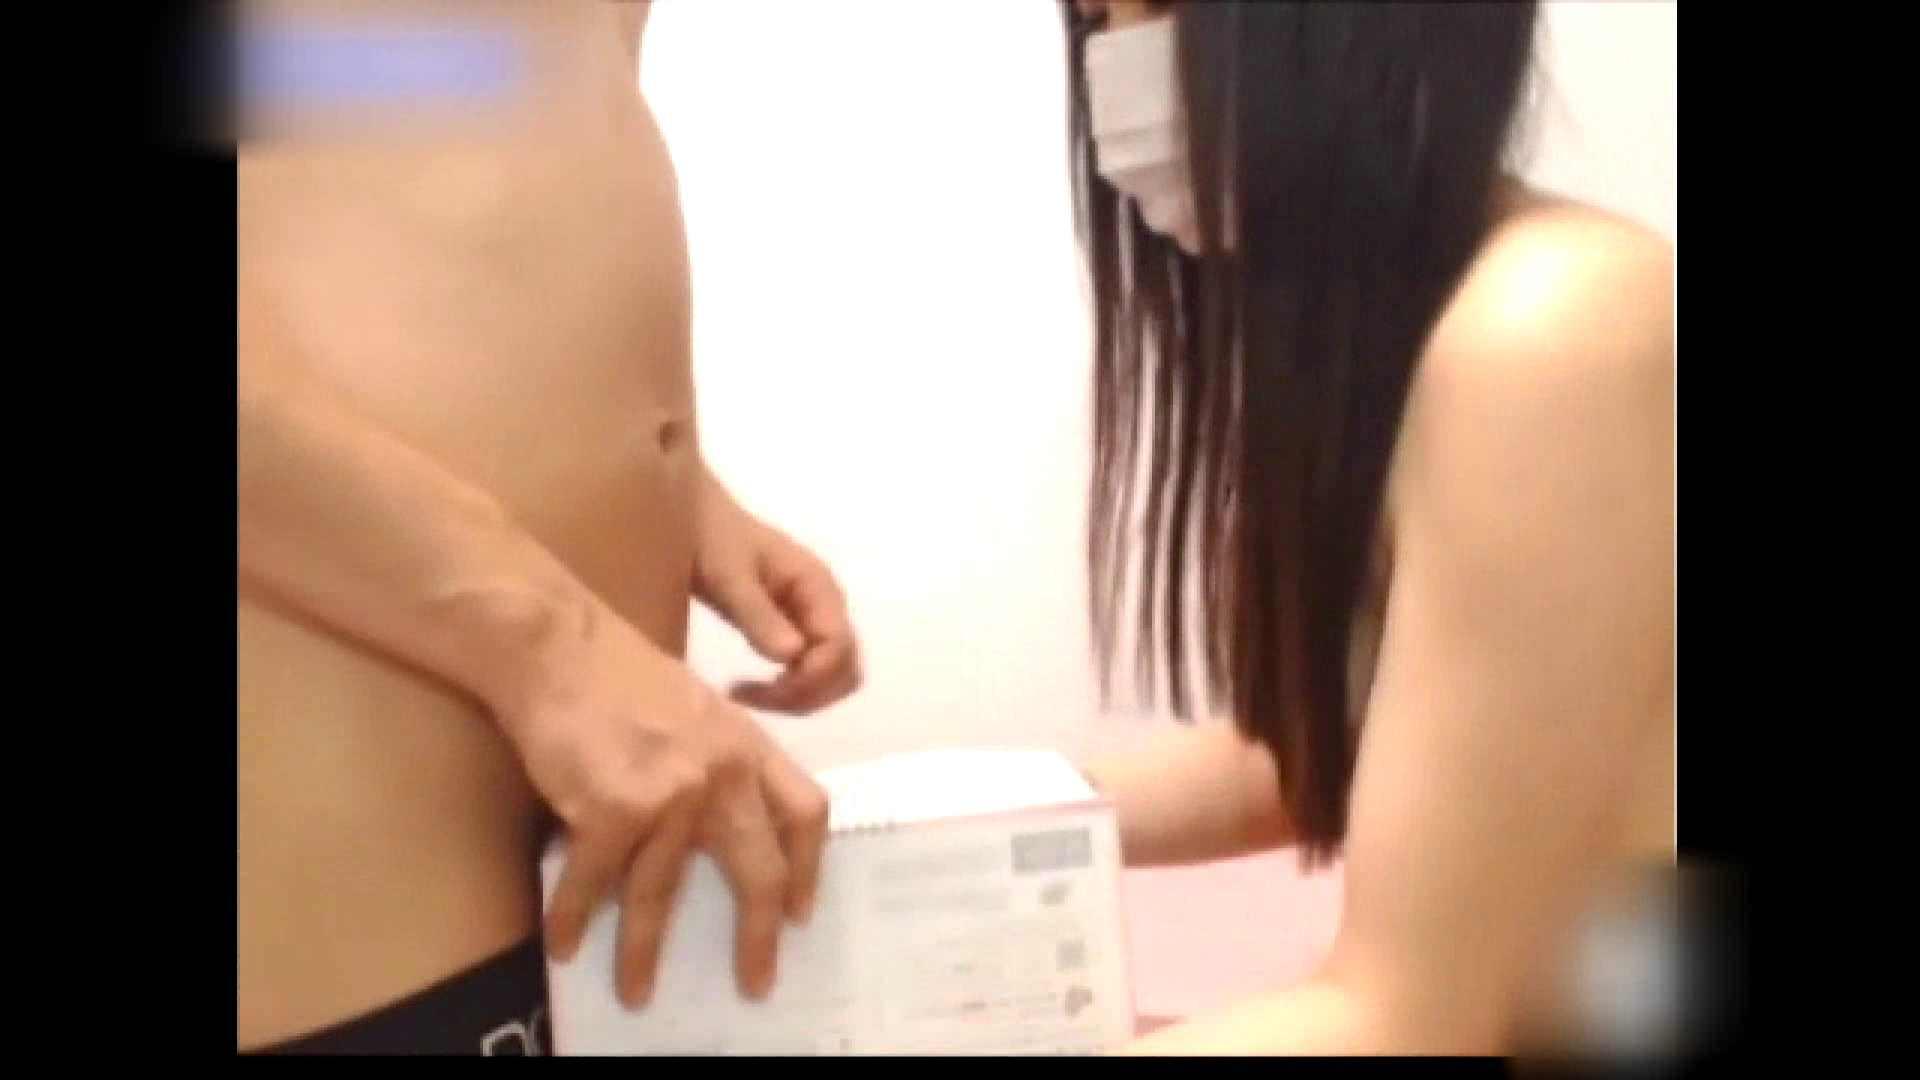 アッと驚くハメ五郎 Vol.04 美女ヌード天国 オマンコ無修正動画無料 80PIX 71